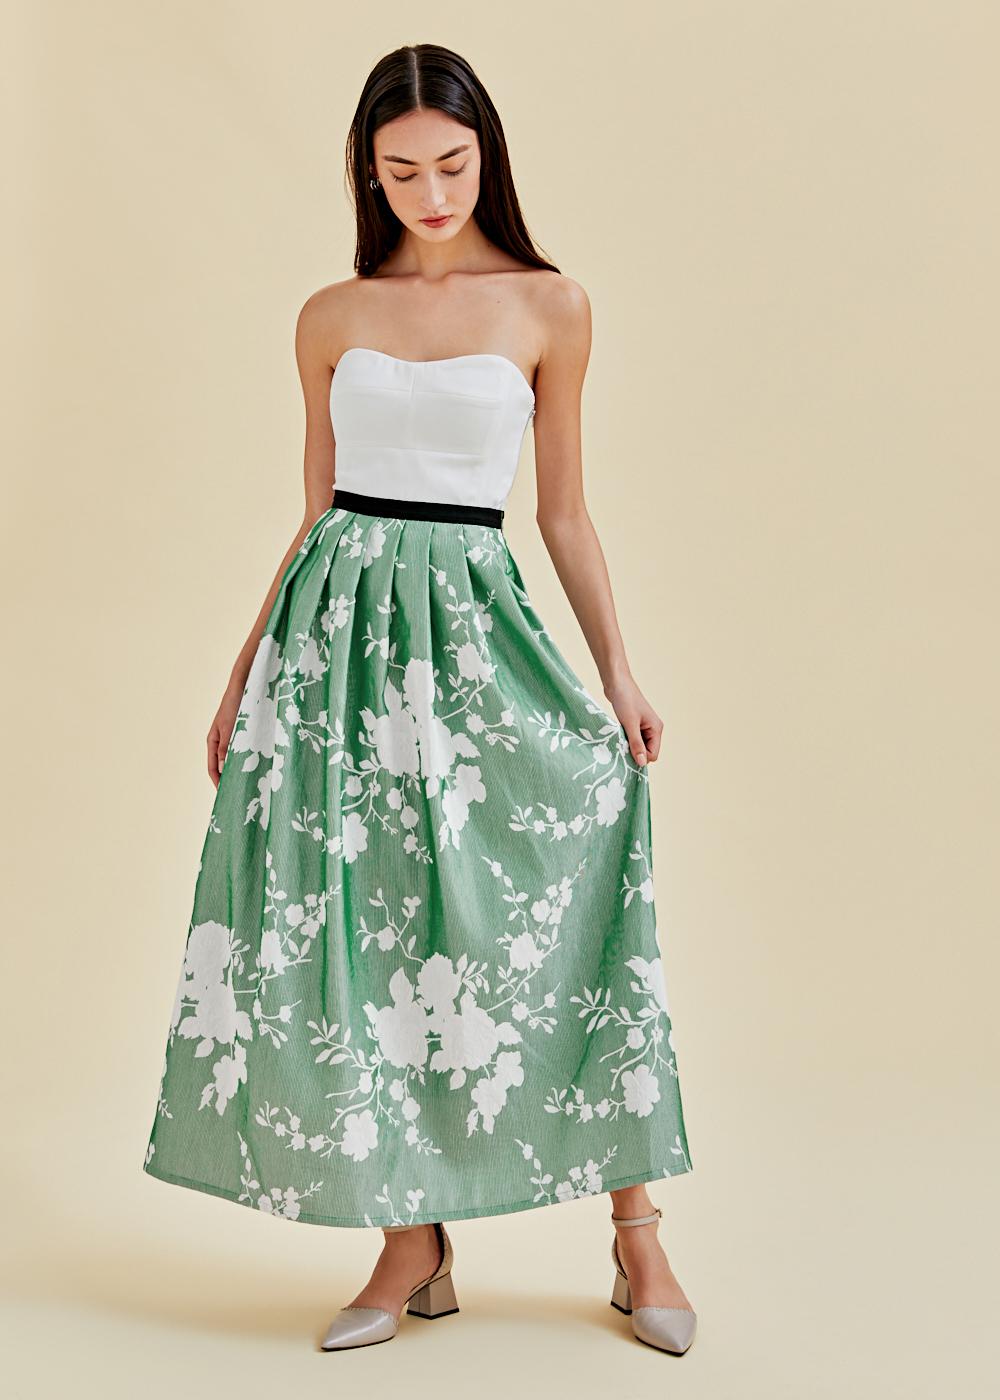 Aliz Jacquard Maxi Skirt